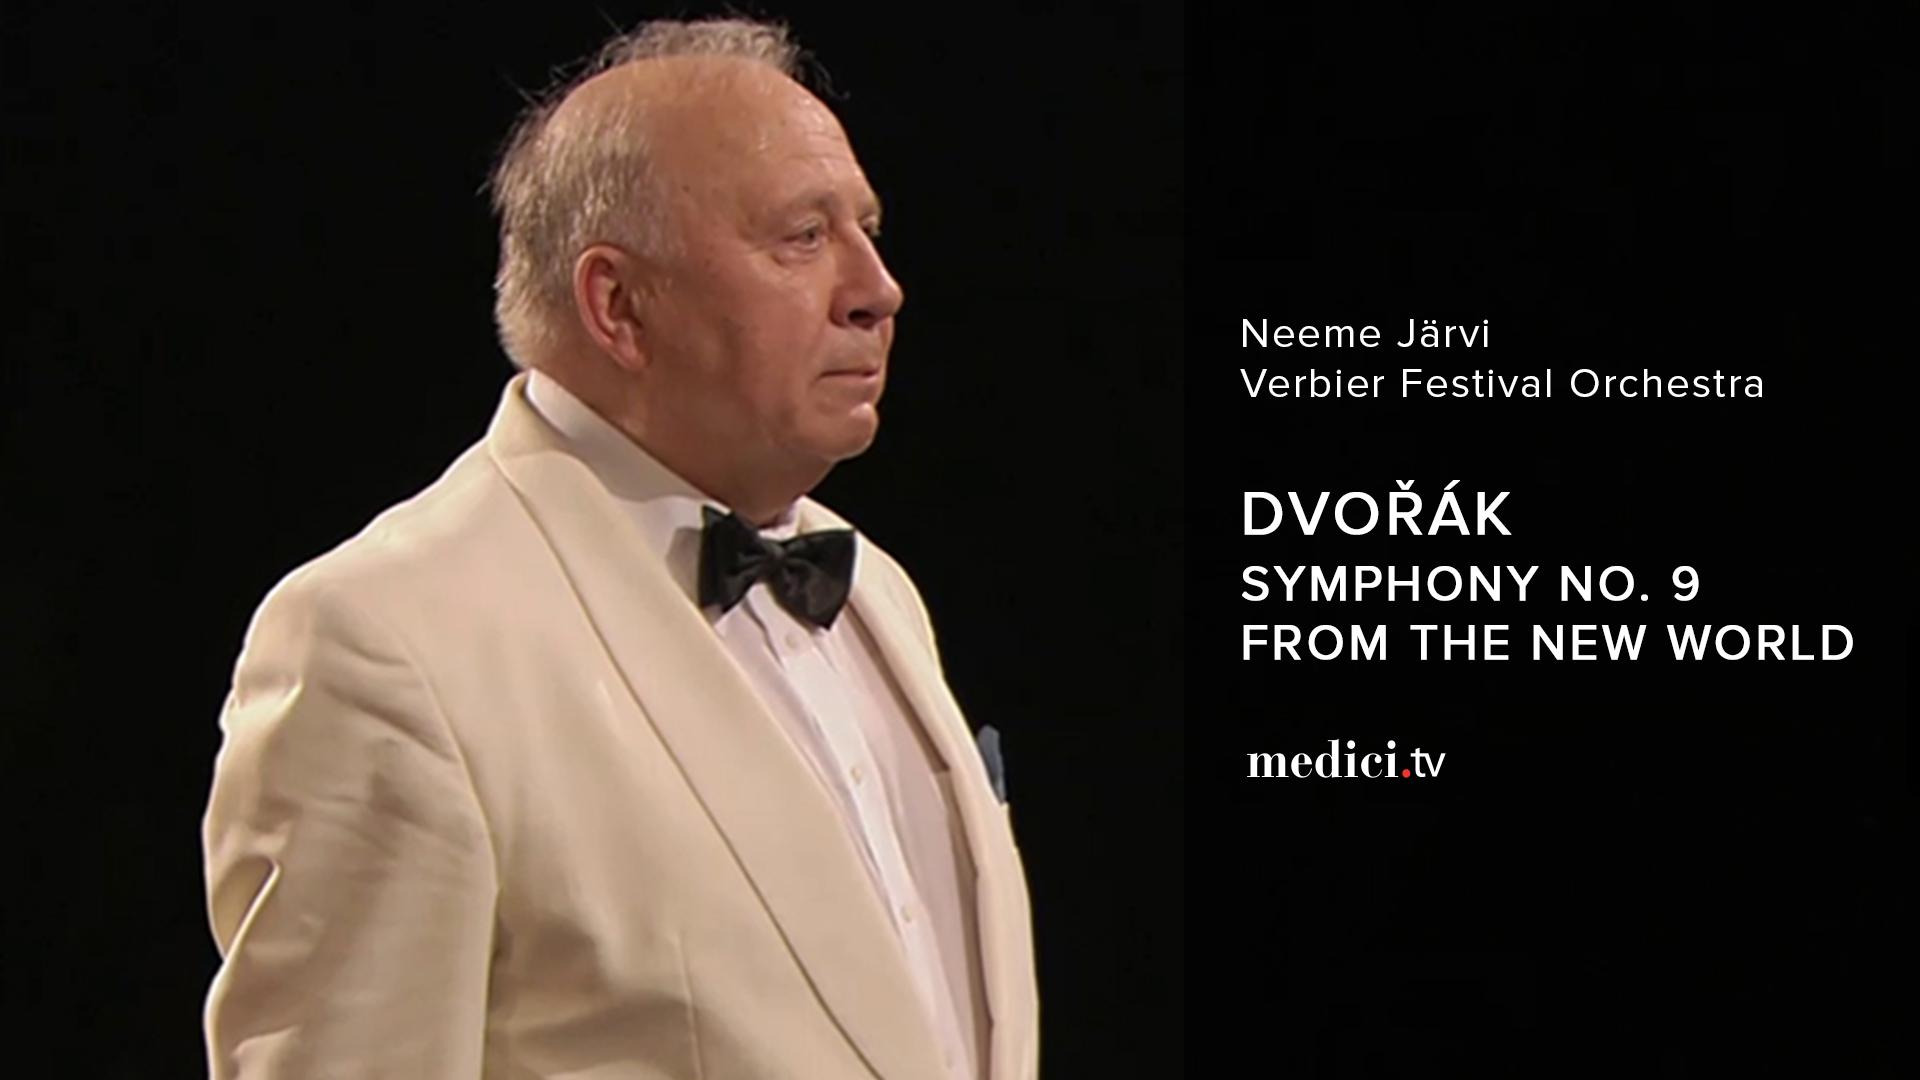 """Dvořák, Symphony No. 9 """"From the New World"""" - Neeme Järvi, Verbier Festival Orchestra"""